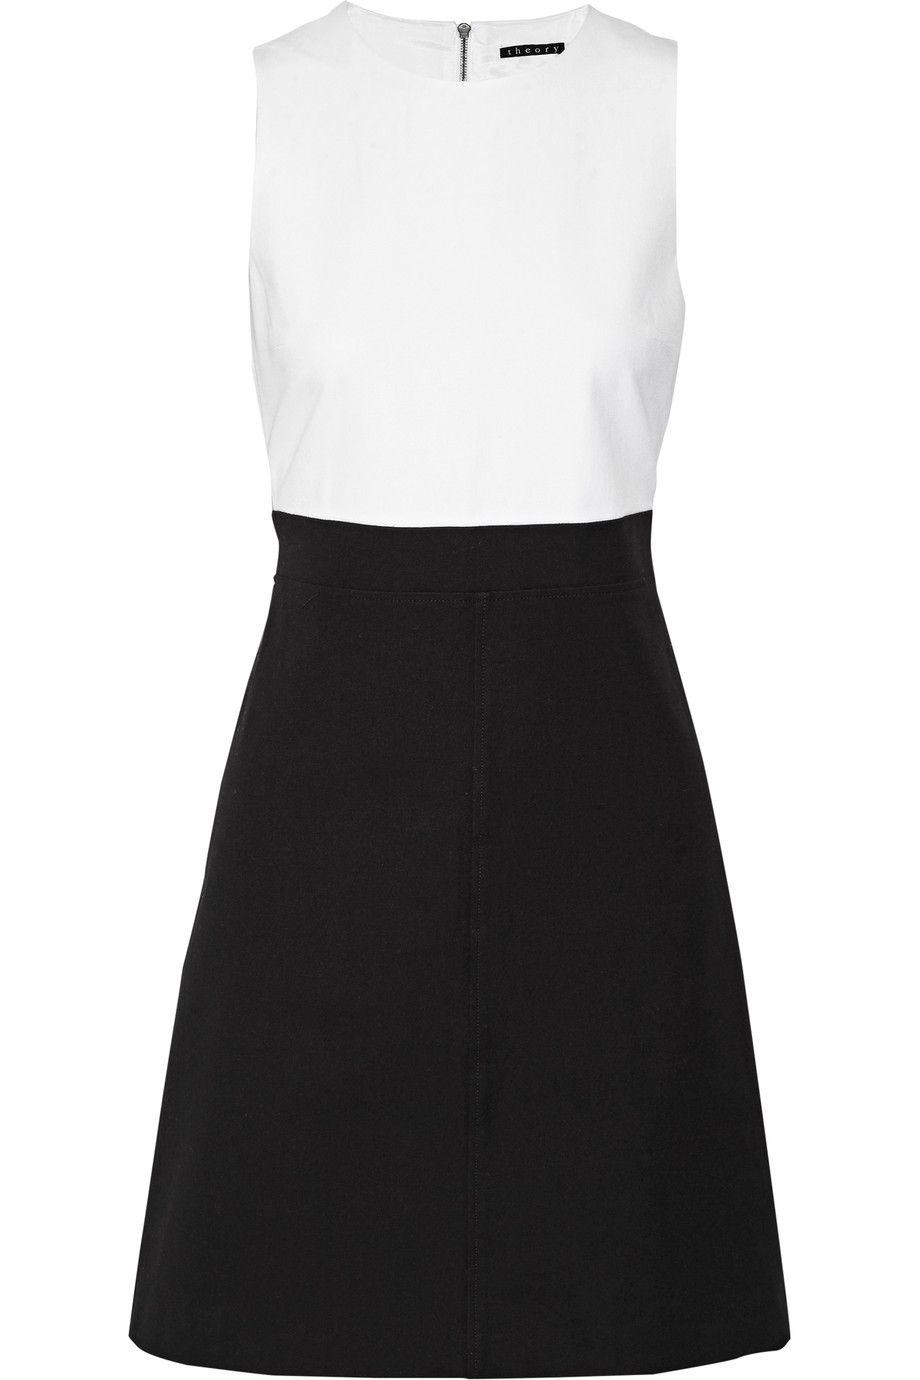 c90fe559ed1 THEORY .  theory  cloth  dress